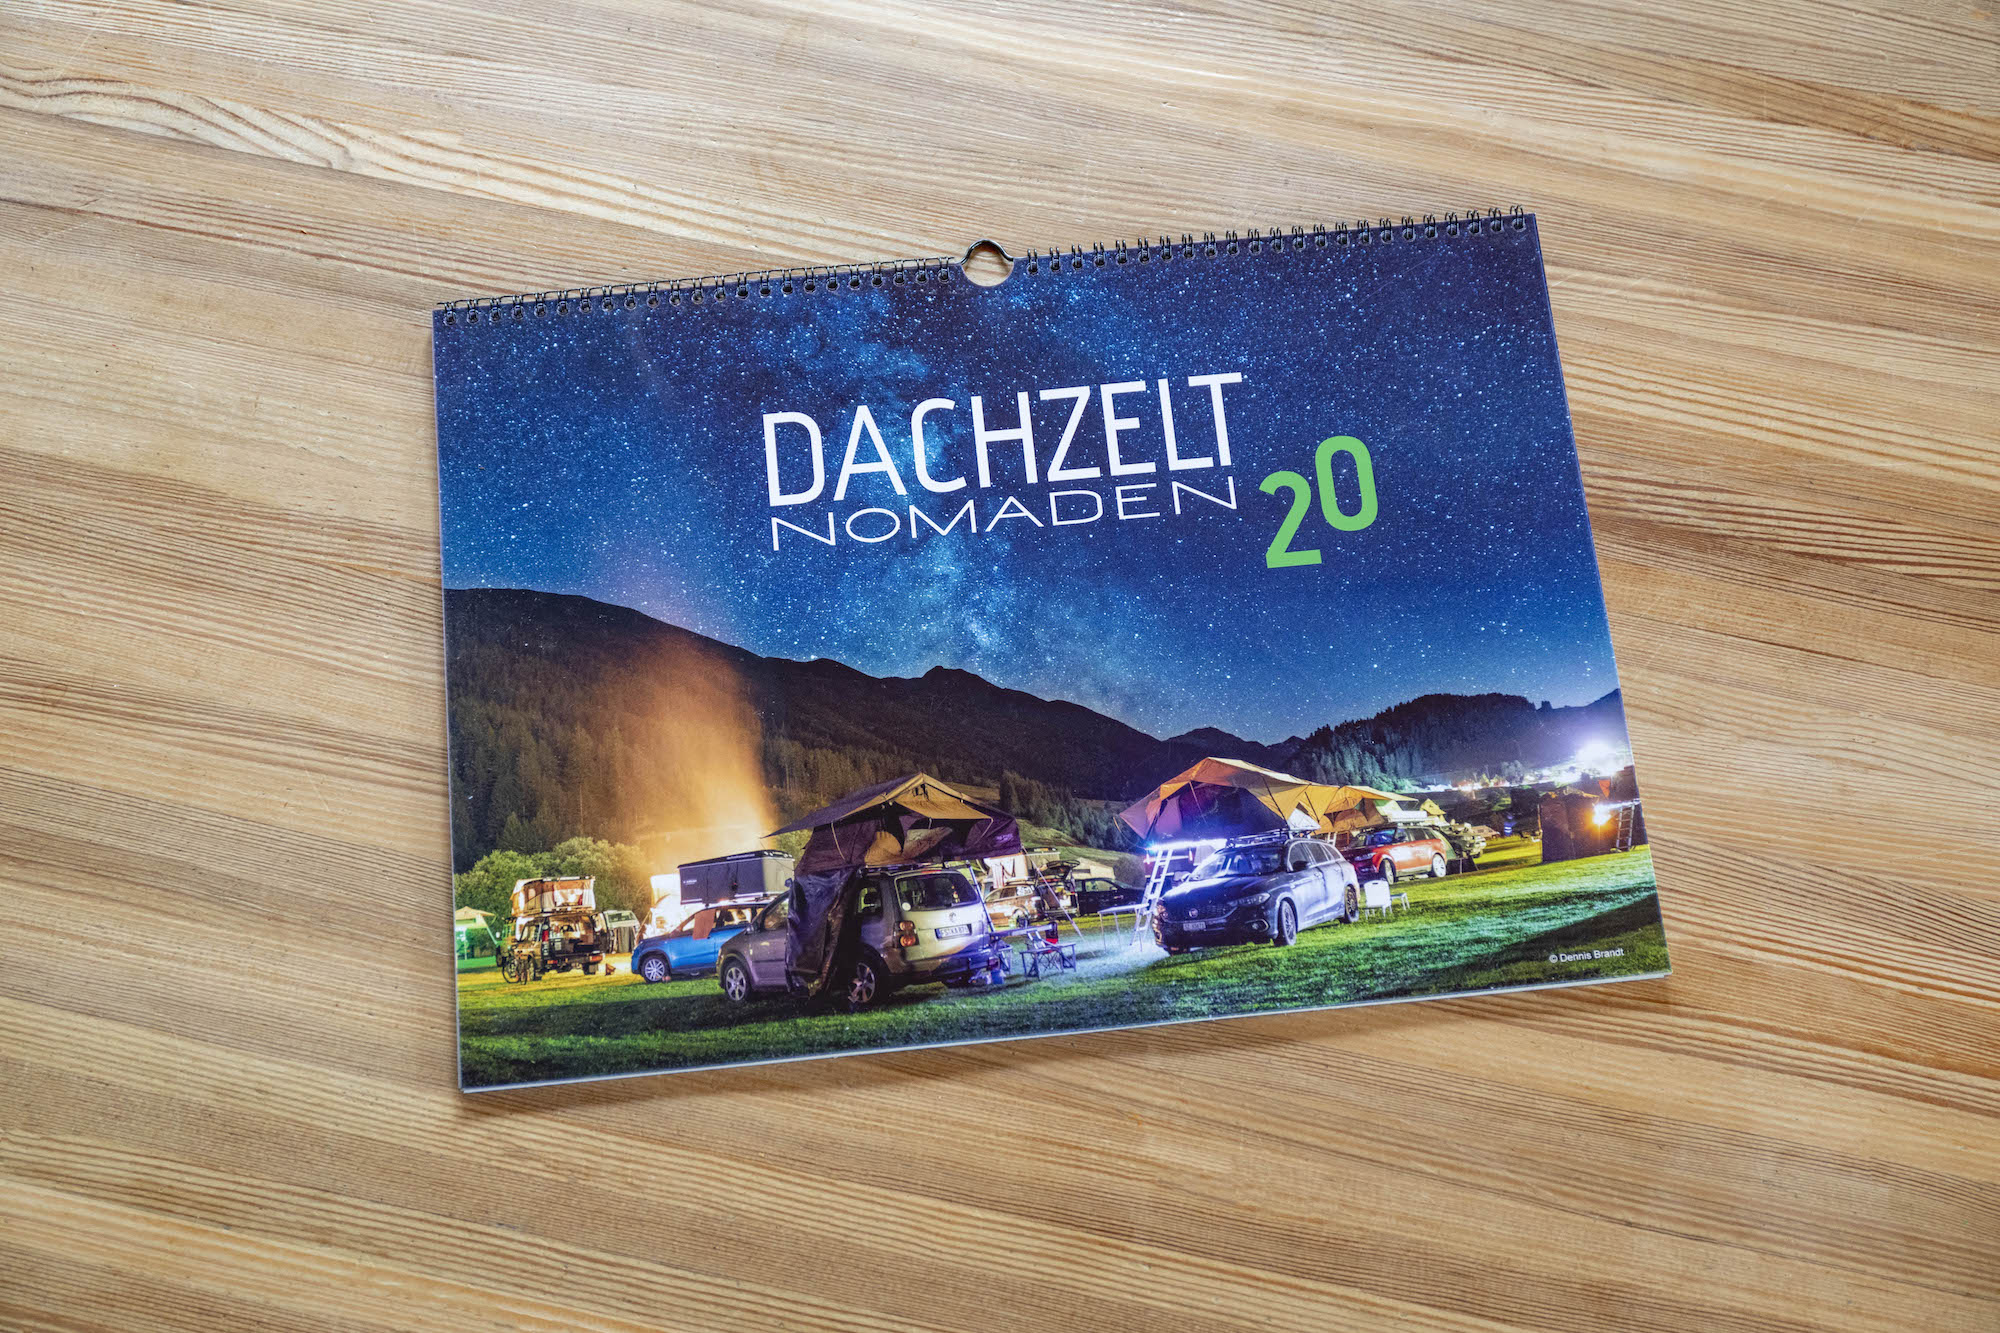 dachzeltnomaden-dachzelt-kalender-2020-wandkalender-2020.jpg